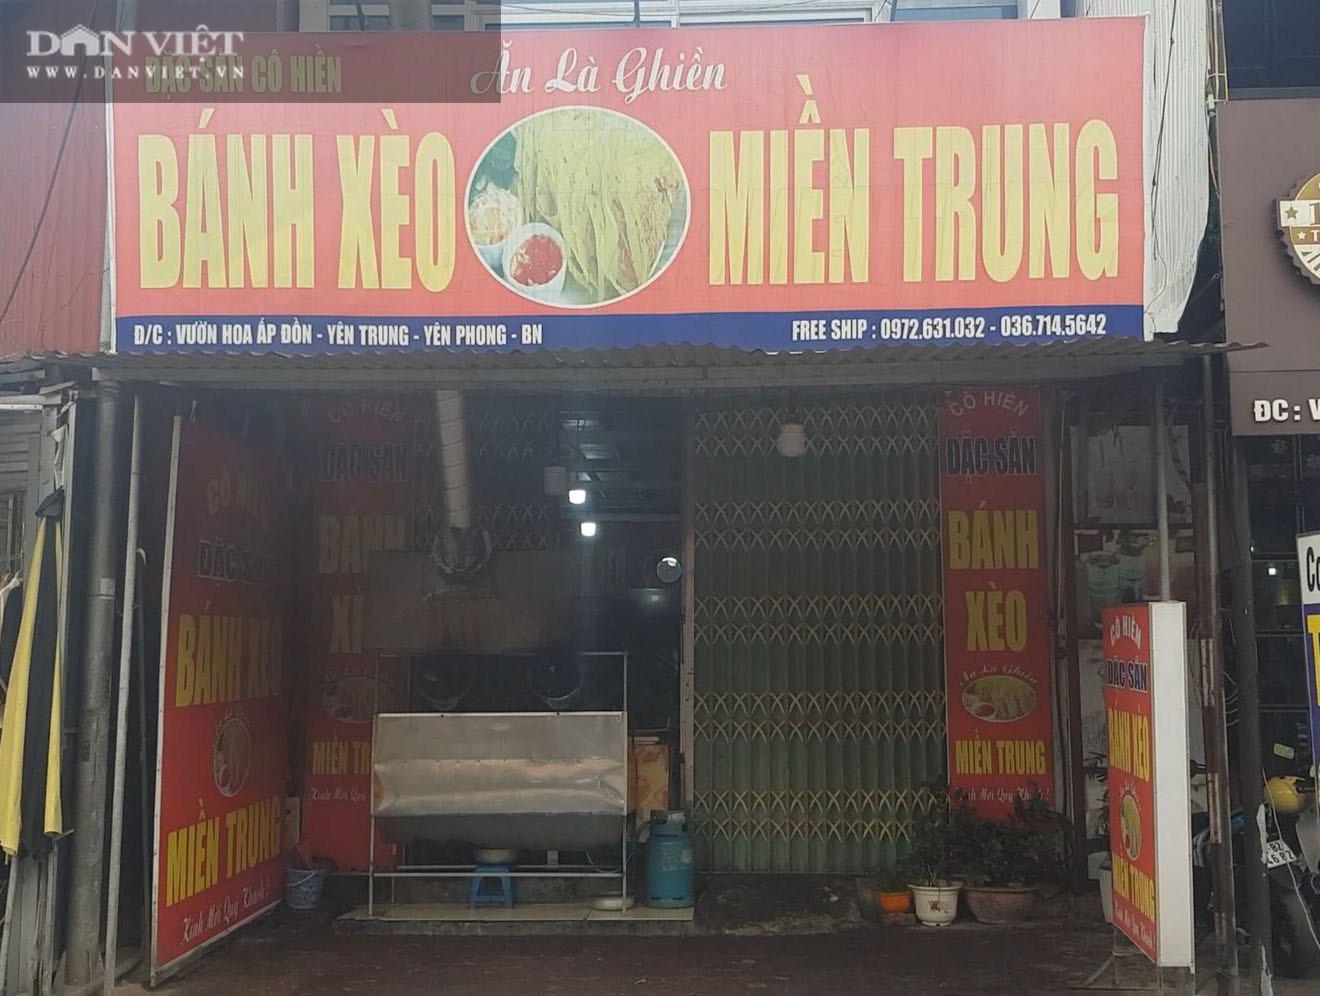 Vụ 2 nhân viên bị đánh ở Bắc Ninh: Đau xót hình ảnh khuôn mặt chằng chịt sẹo - Ảnh 1.